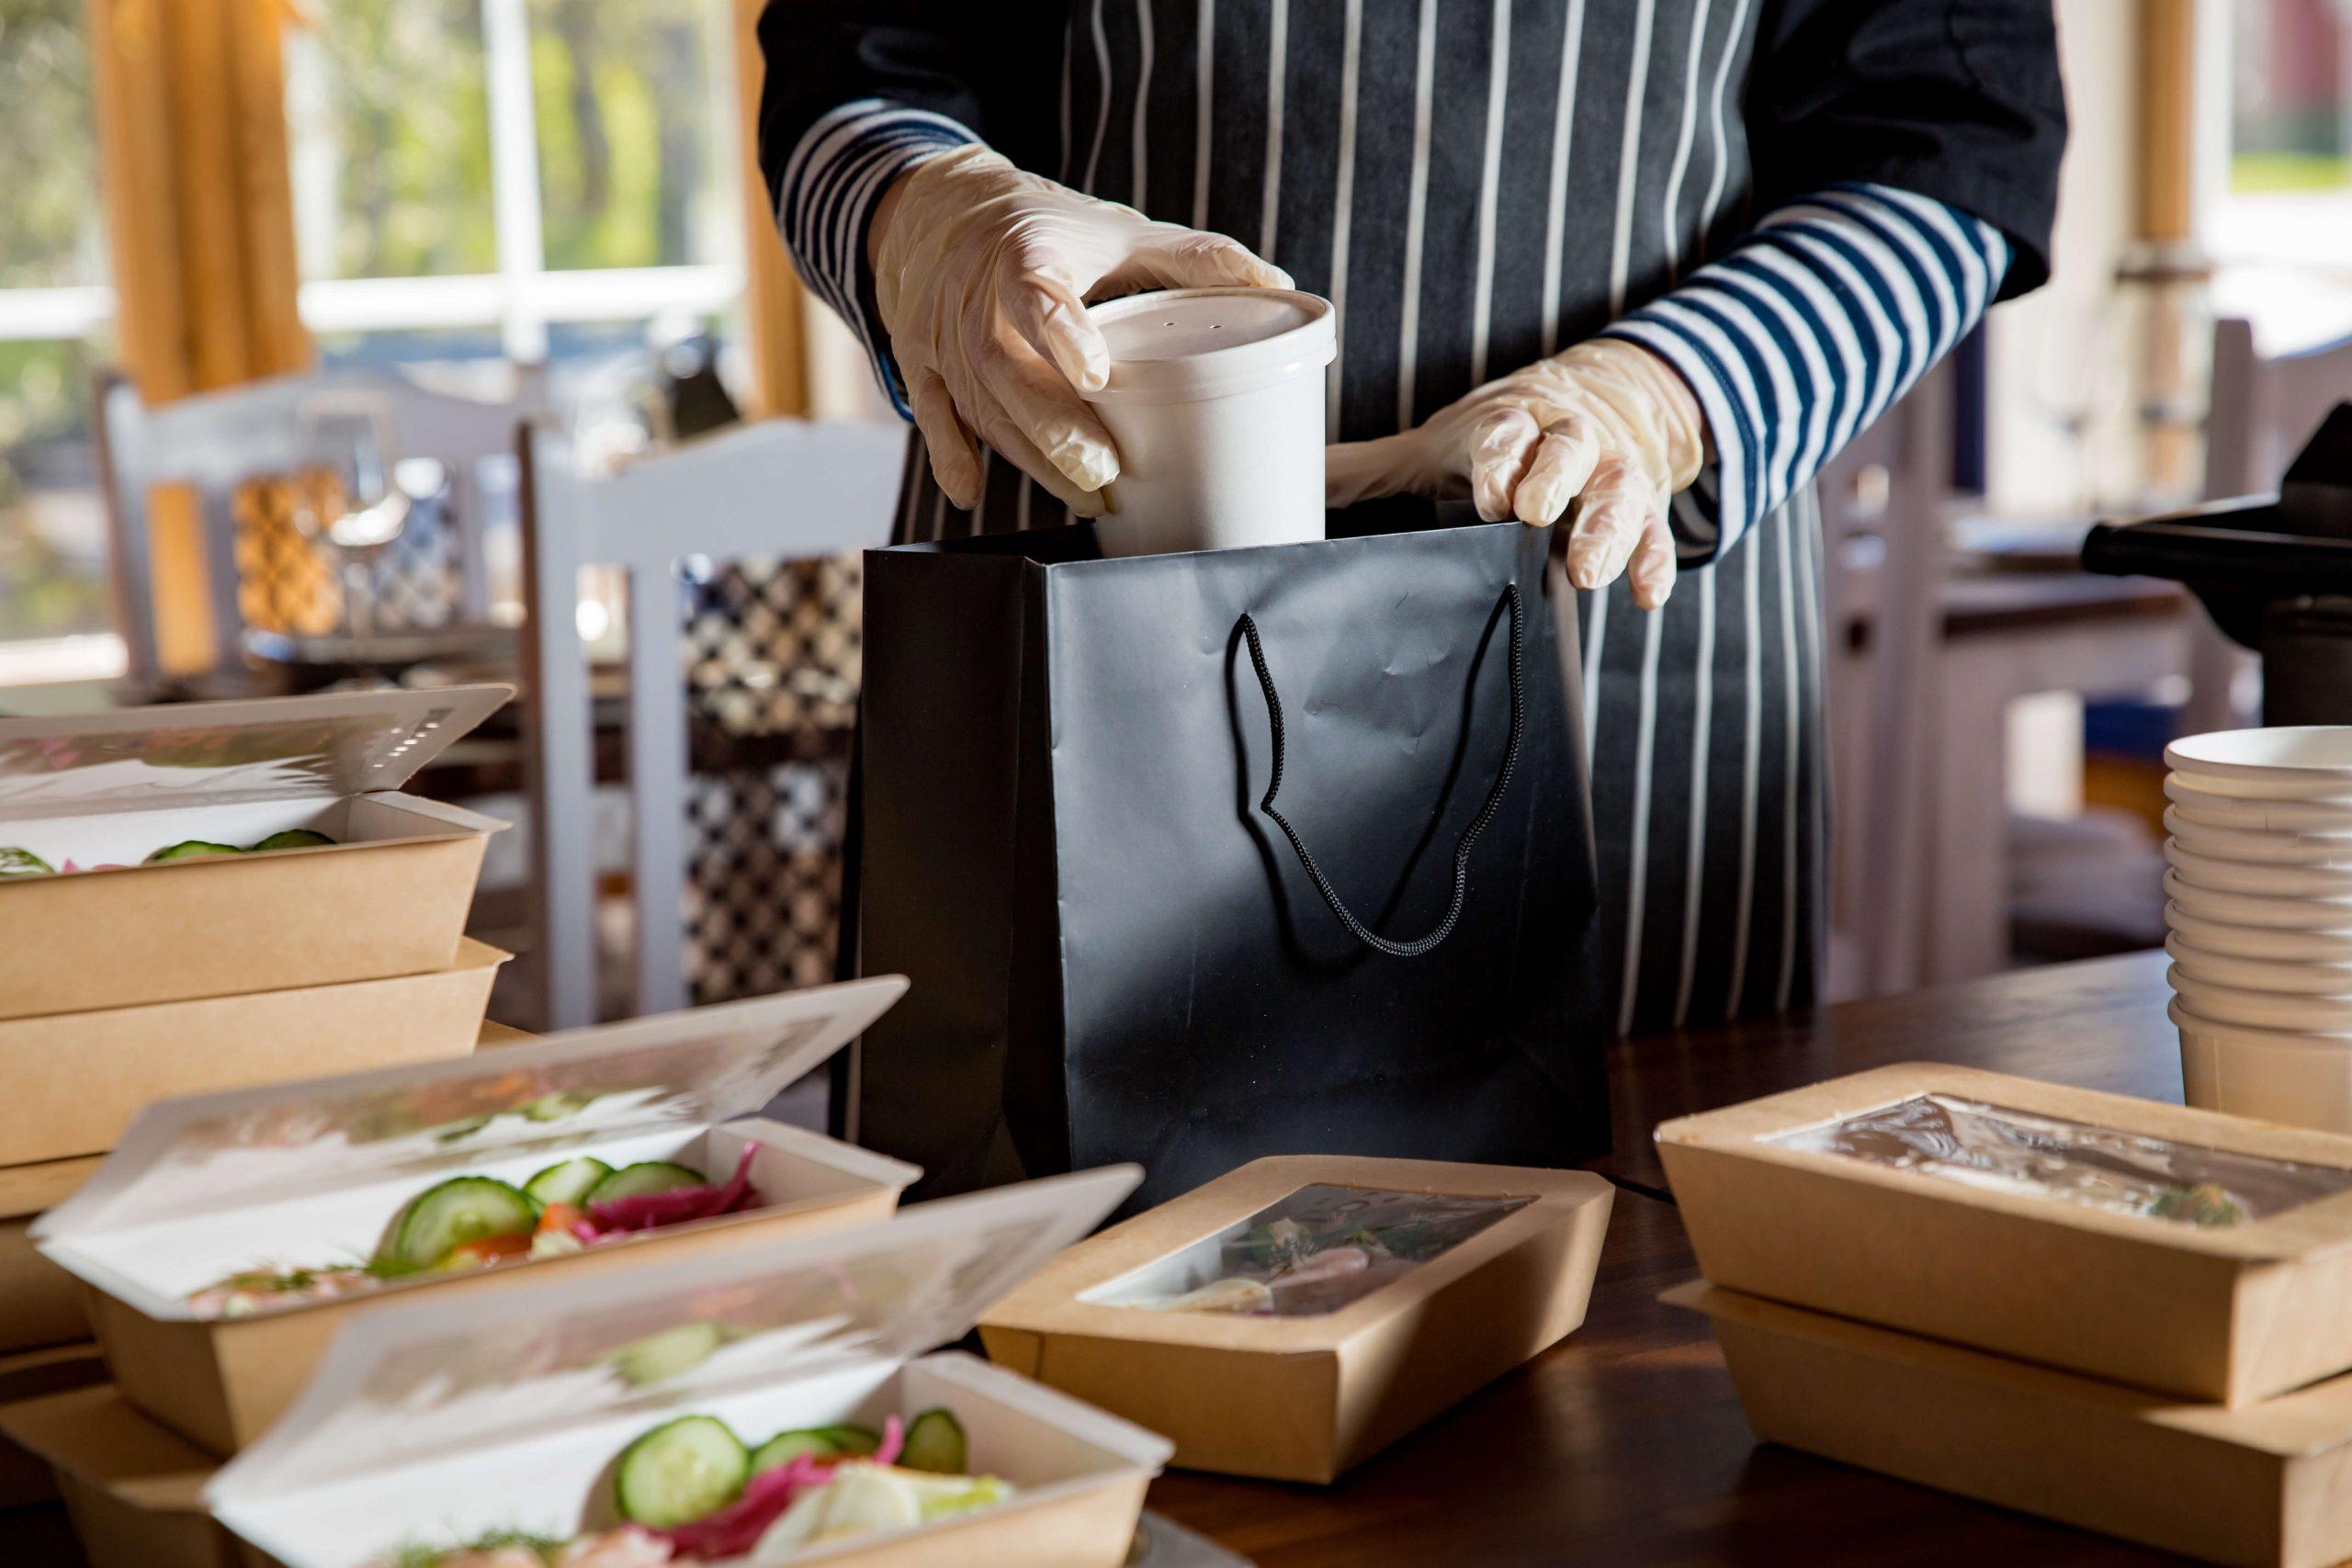 עתיד המסעדות כאיסוף עצמי ומשלוחים.